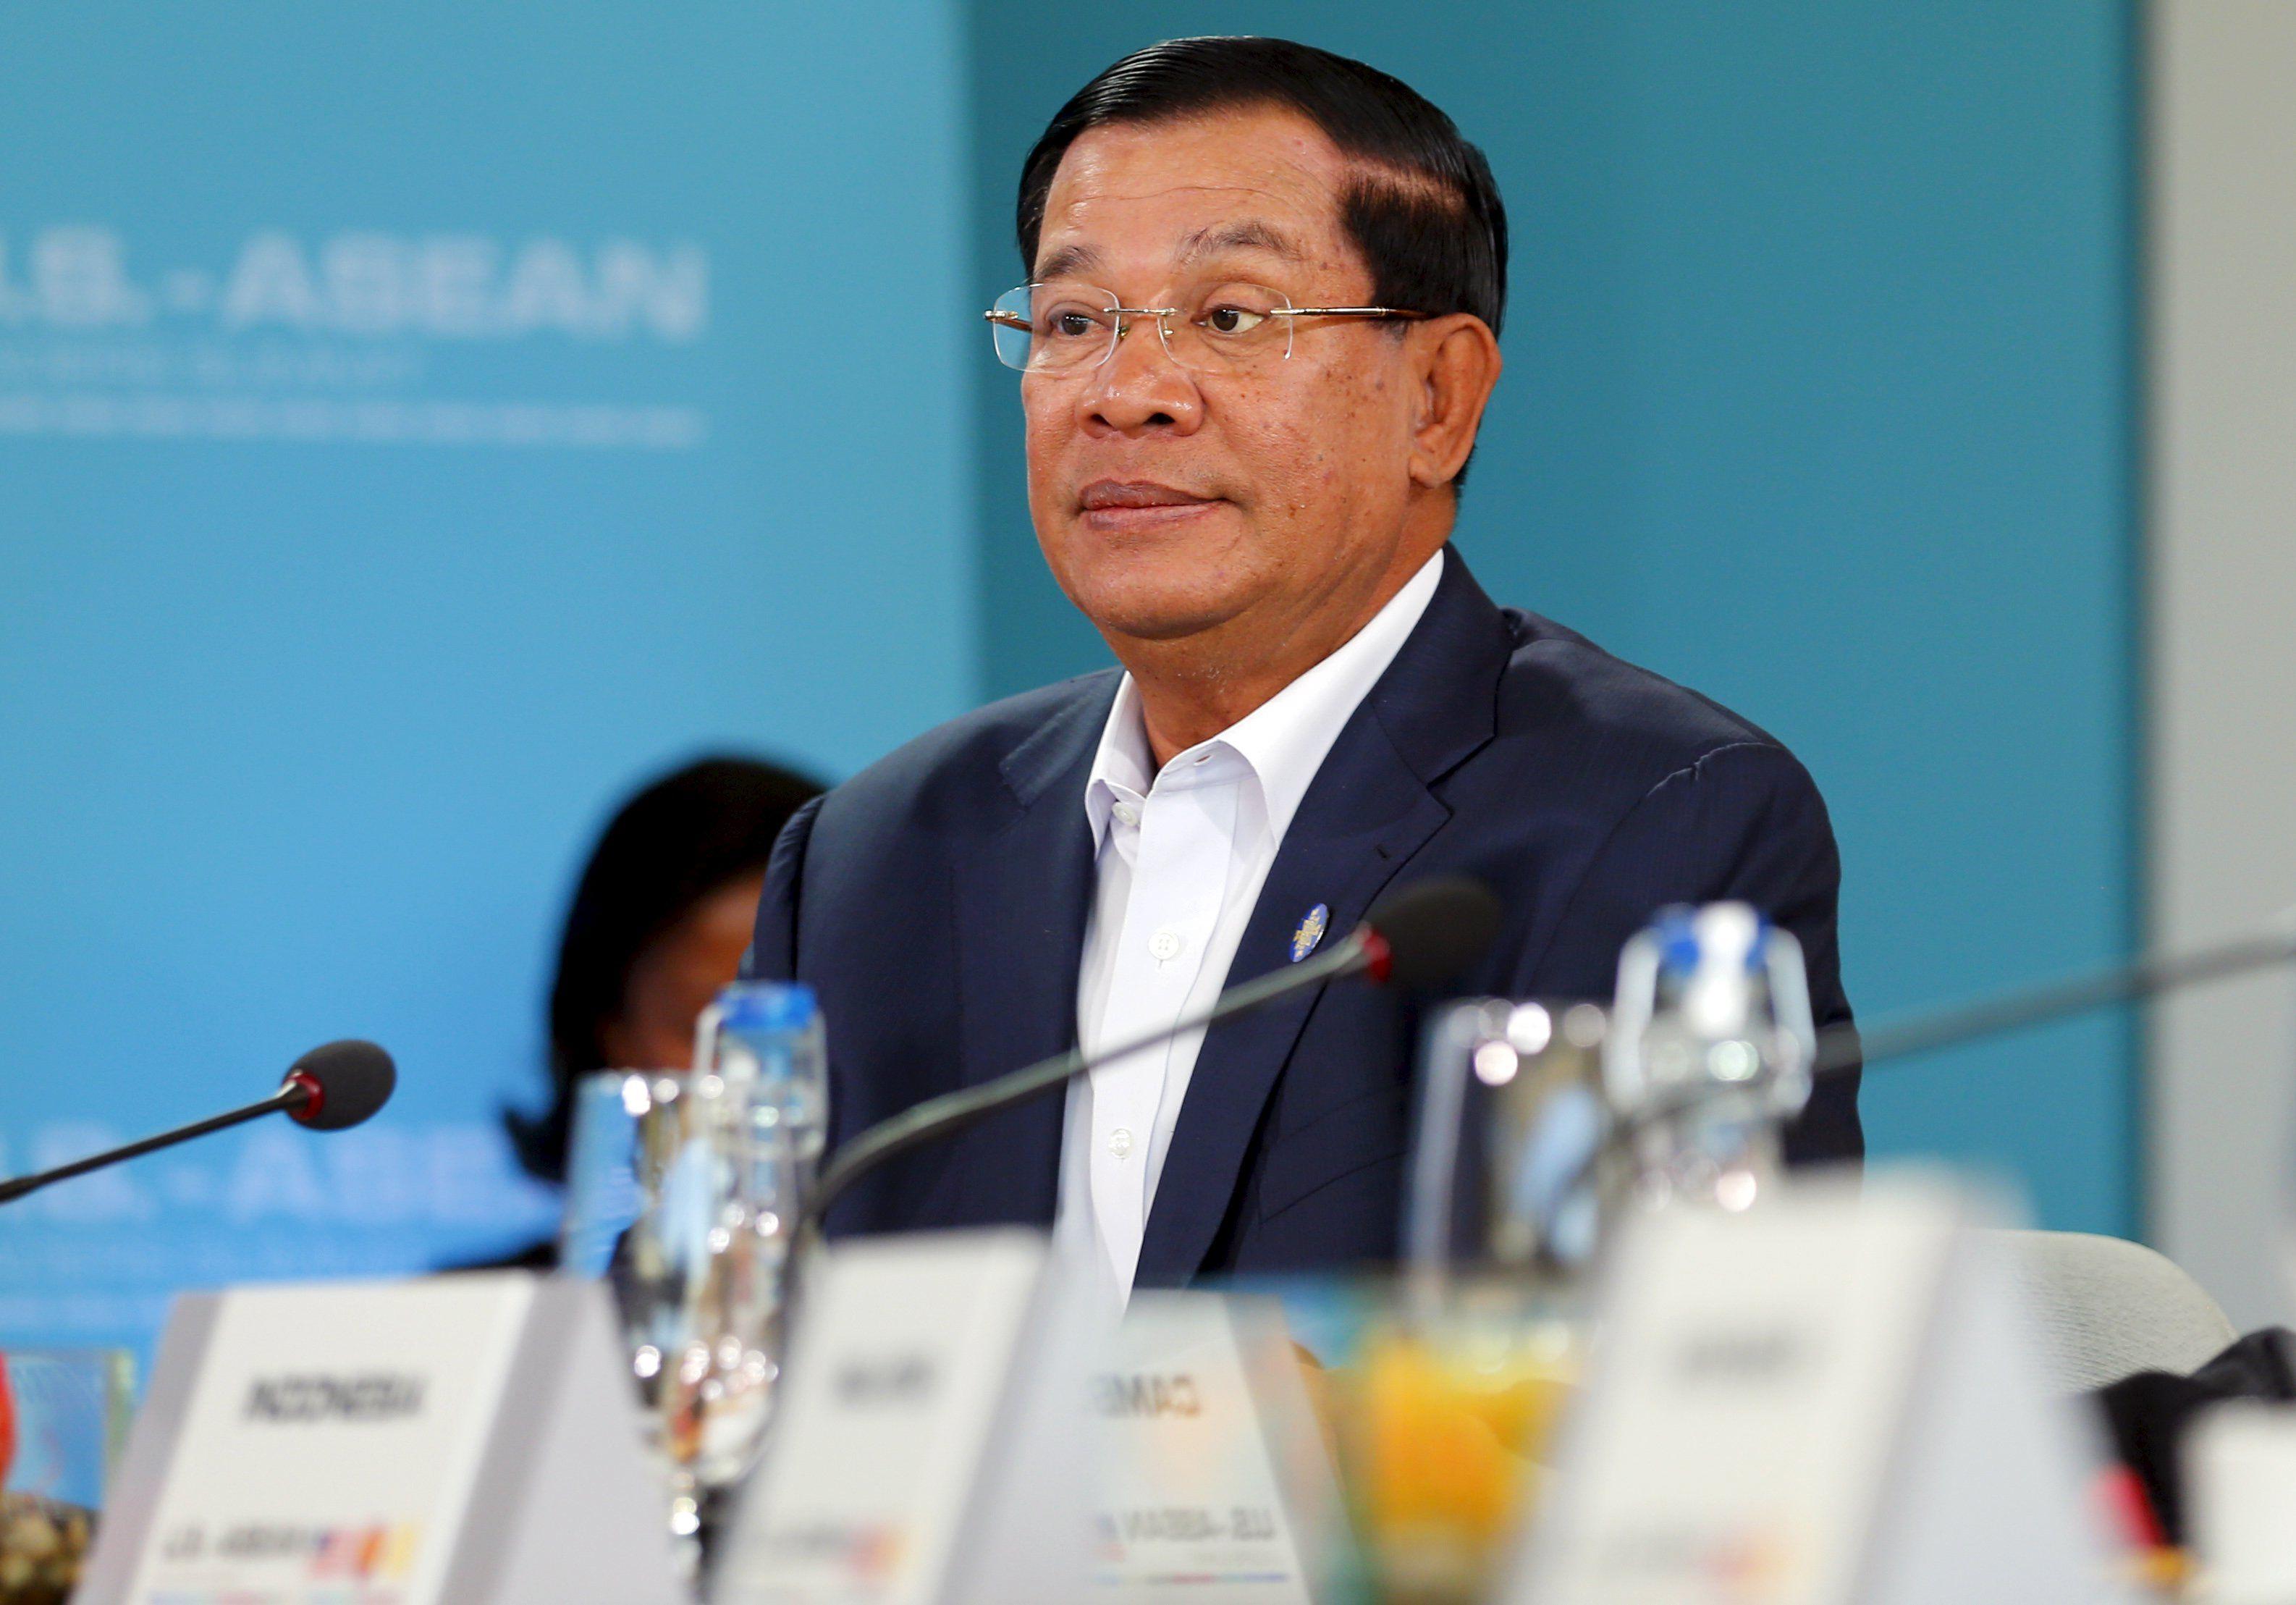 Thủ tướng Cambodia tuyên bố sẽ tiếp tục cai trị thêm 10 năm nữa